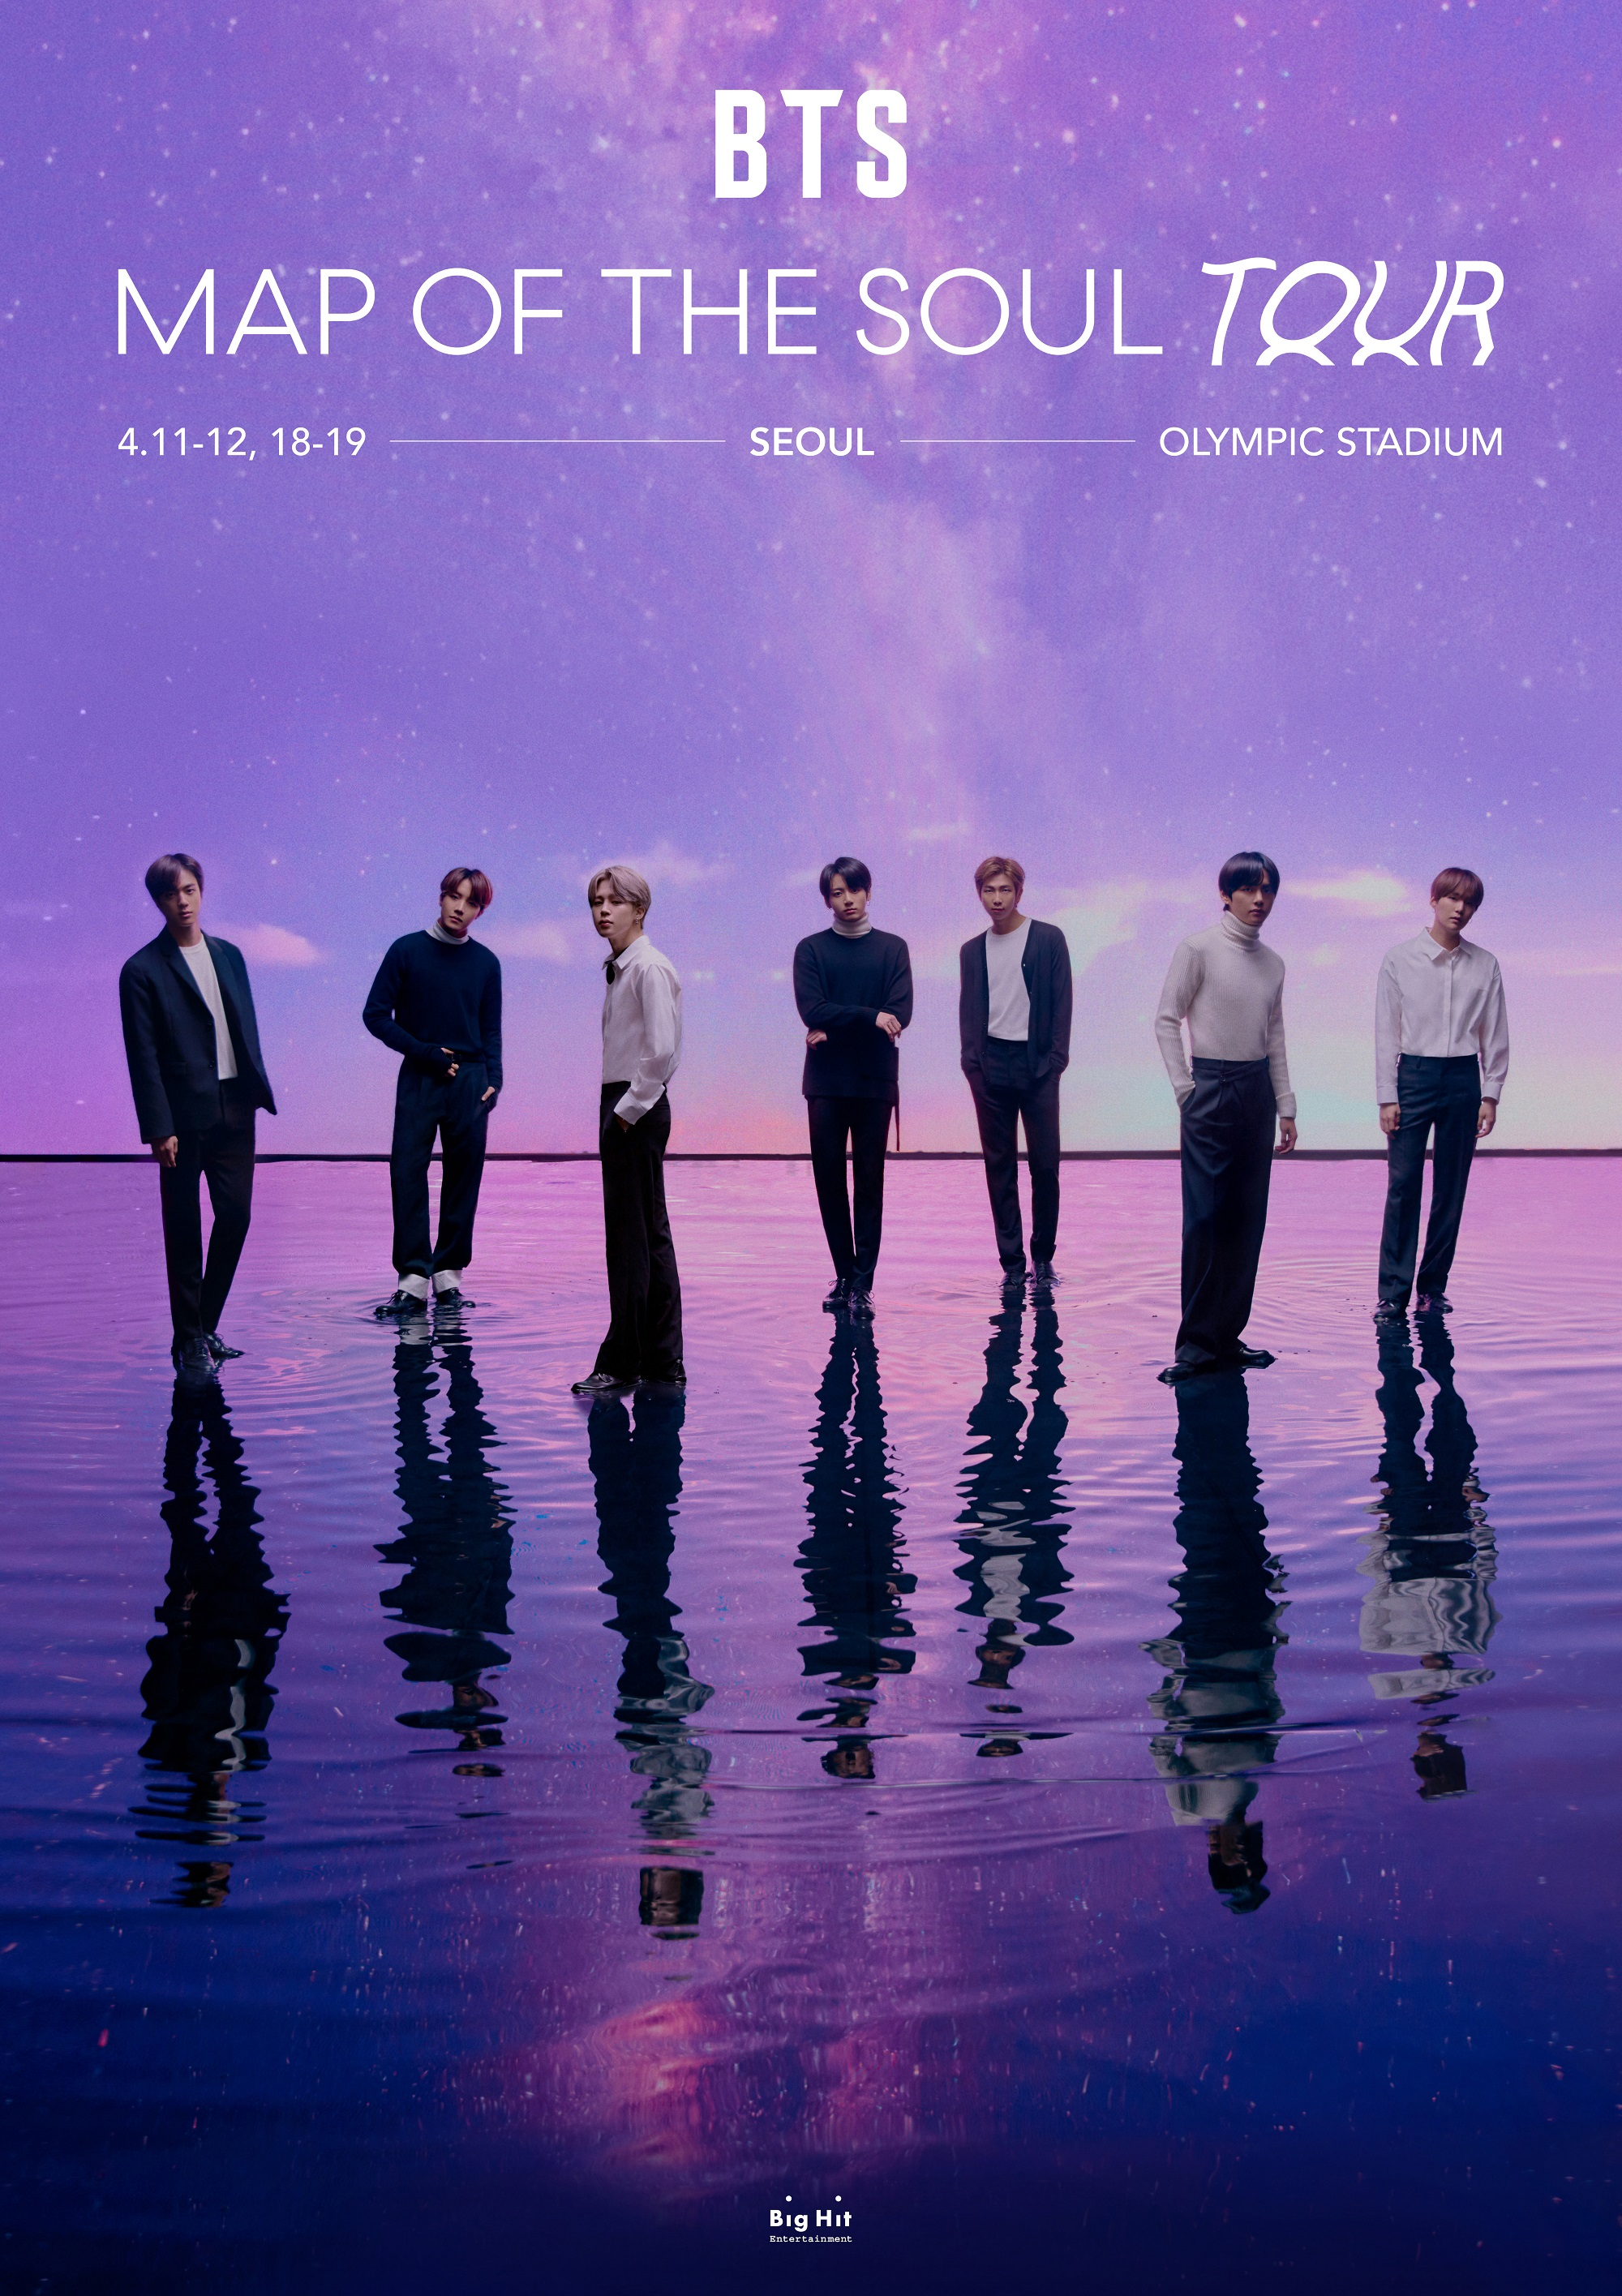 BTS Rilis Tanggal Map of The Soul TOUR di Korea Selatan, Amerika Utara, Jepang dan Eropa